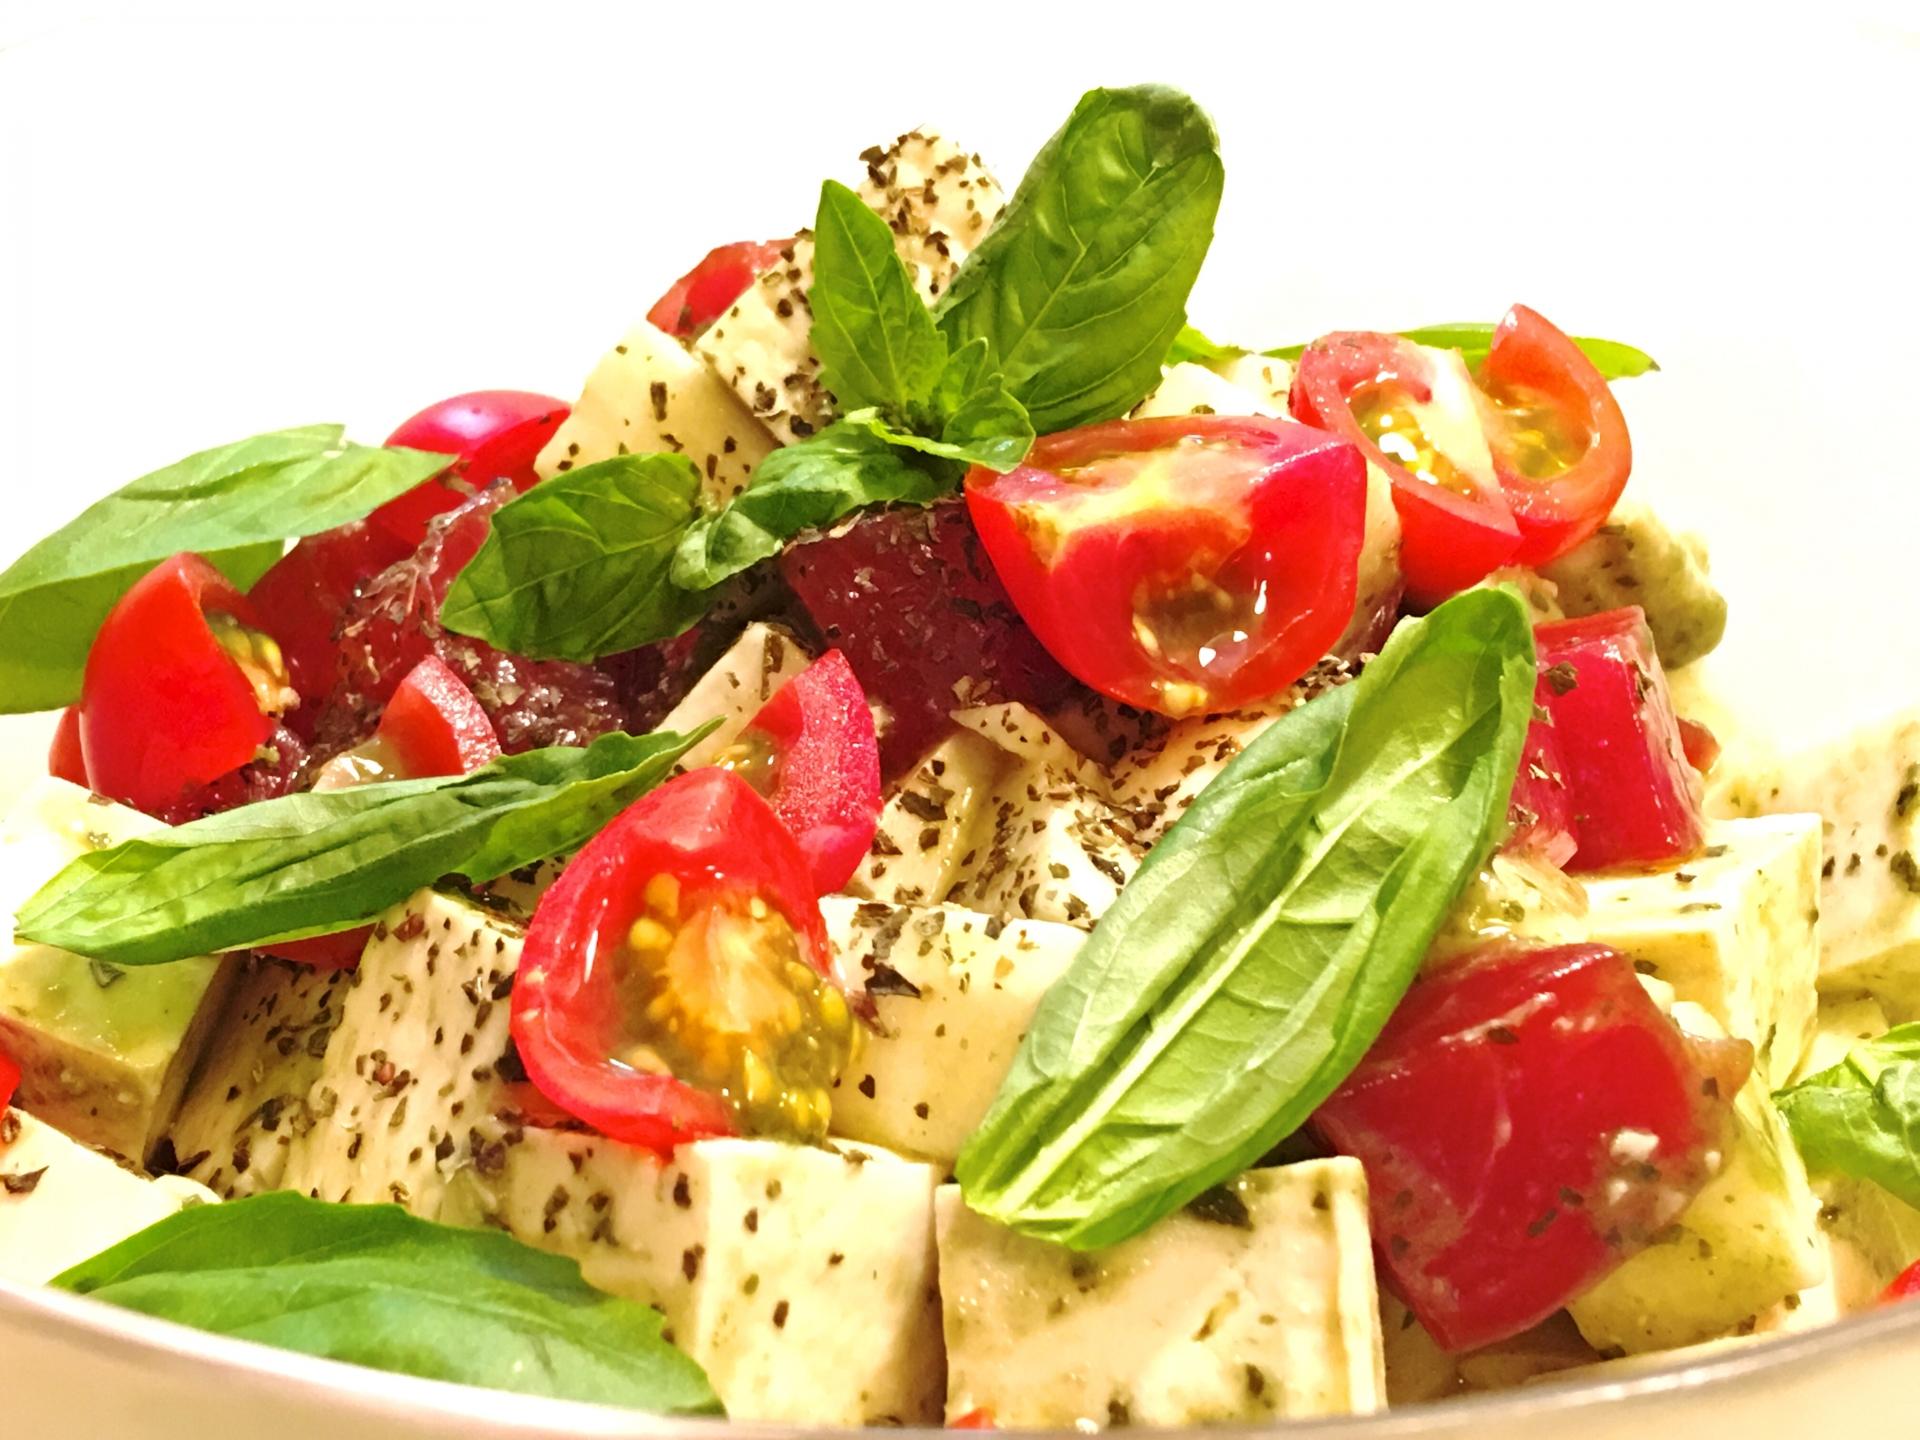 たんぱく質豊富な豆腐とビタミン・ミネラルを多く含む旬の野菜を使ったサラダ